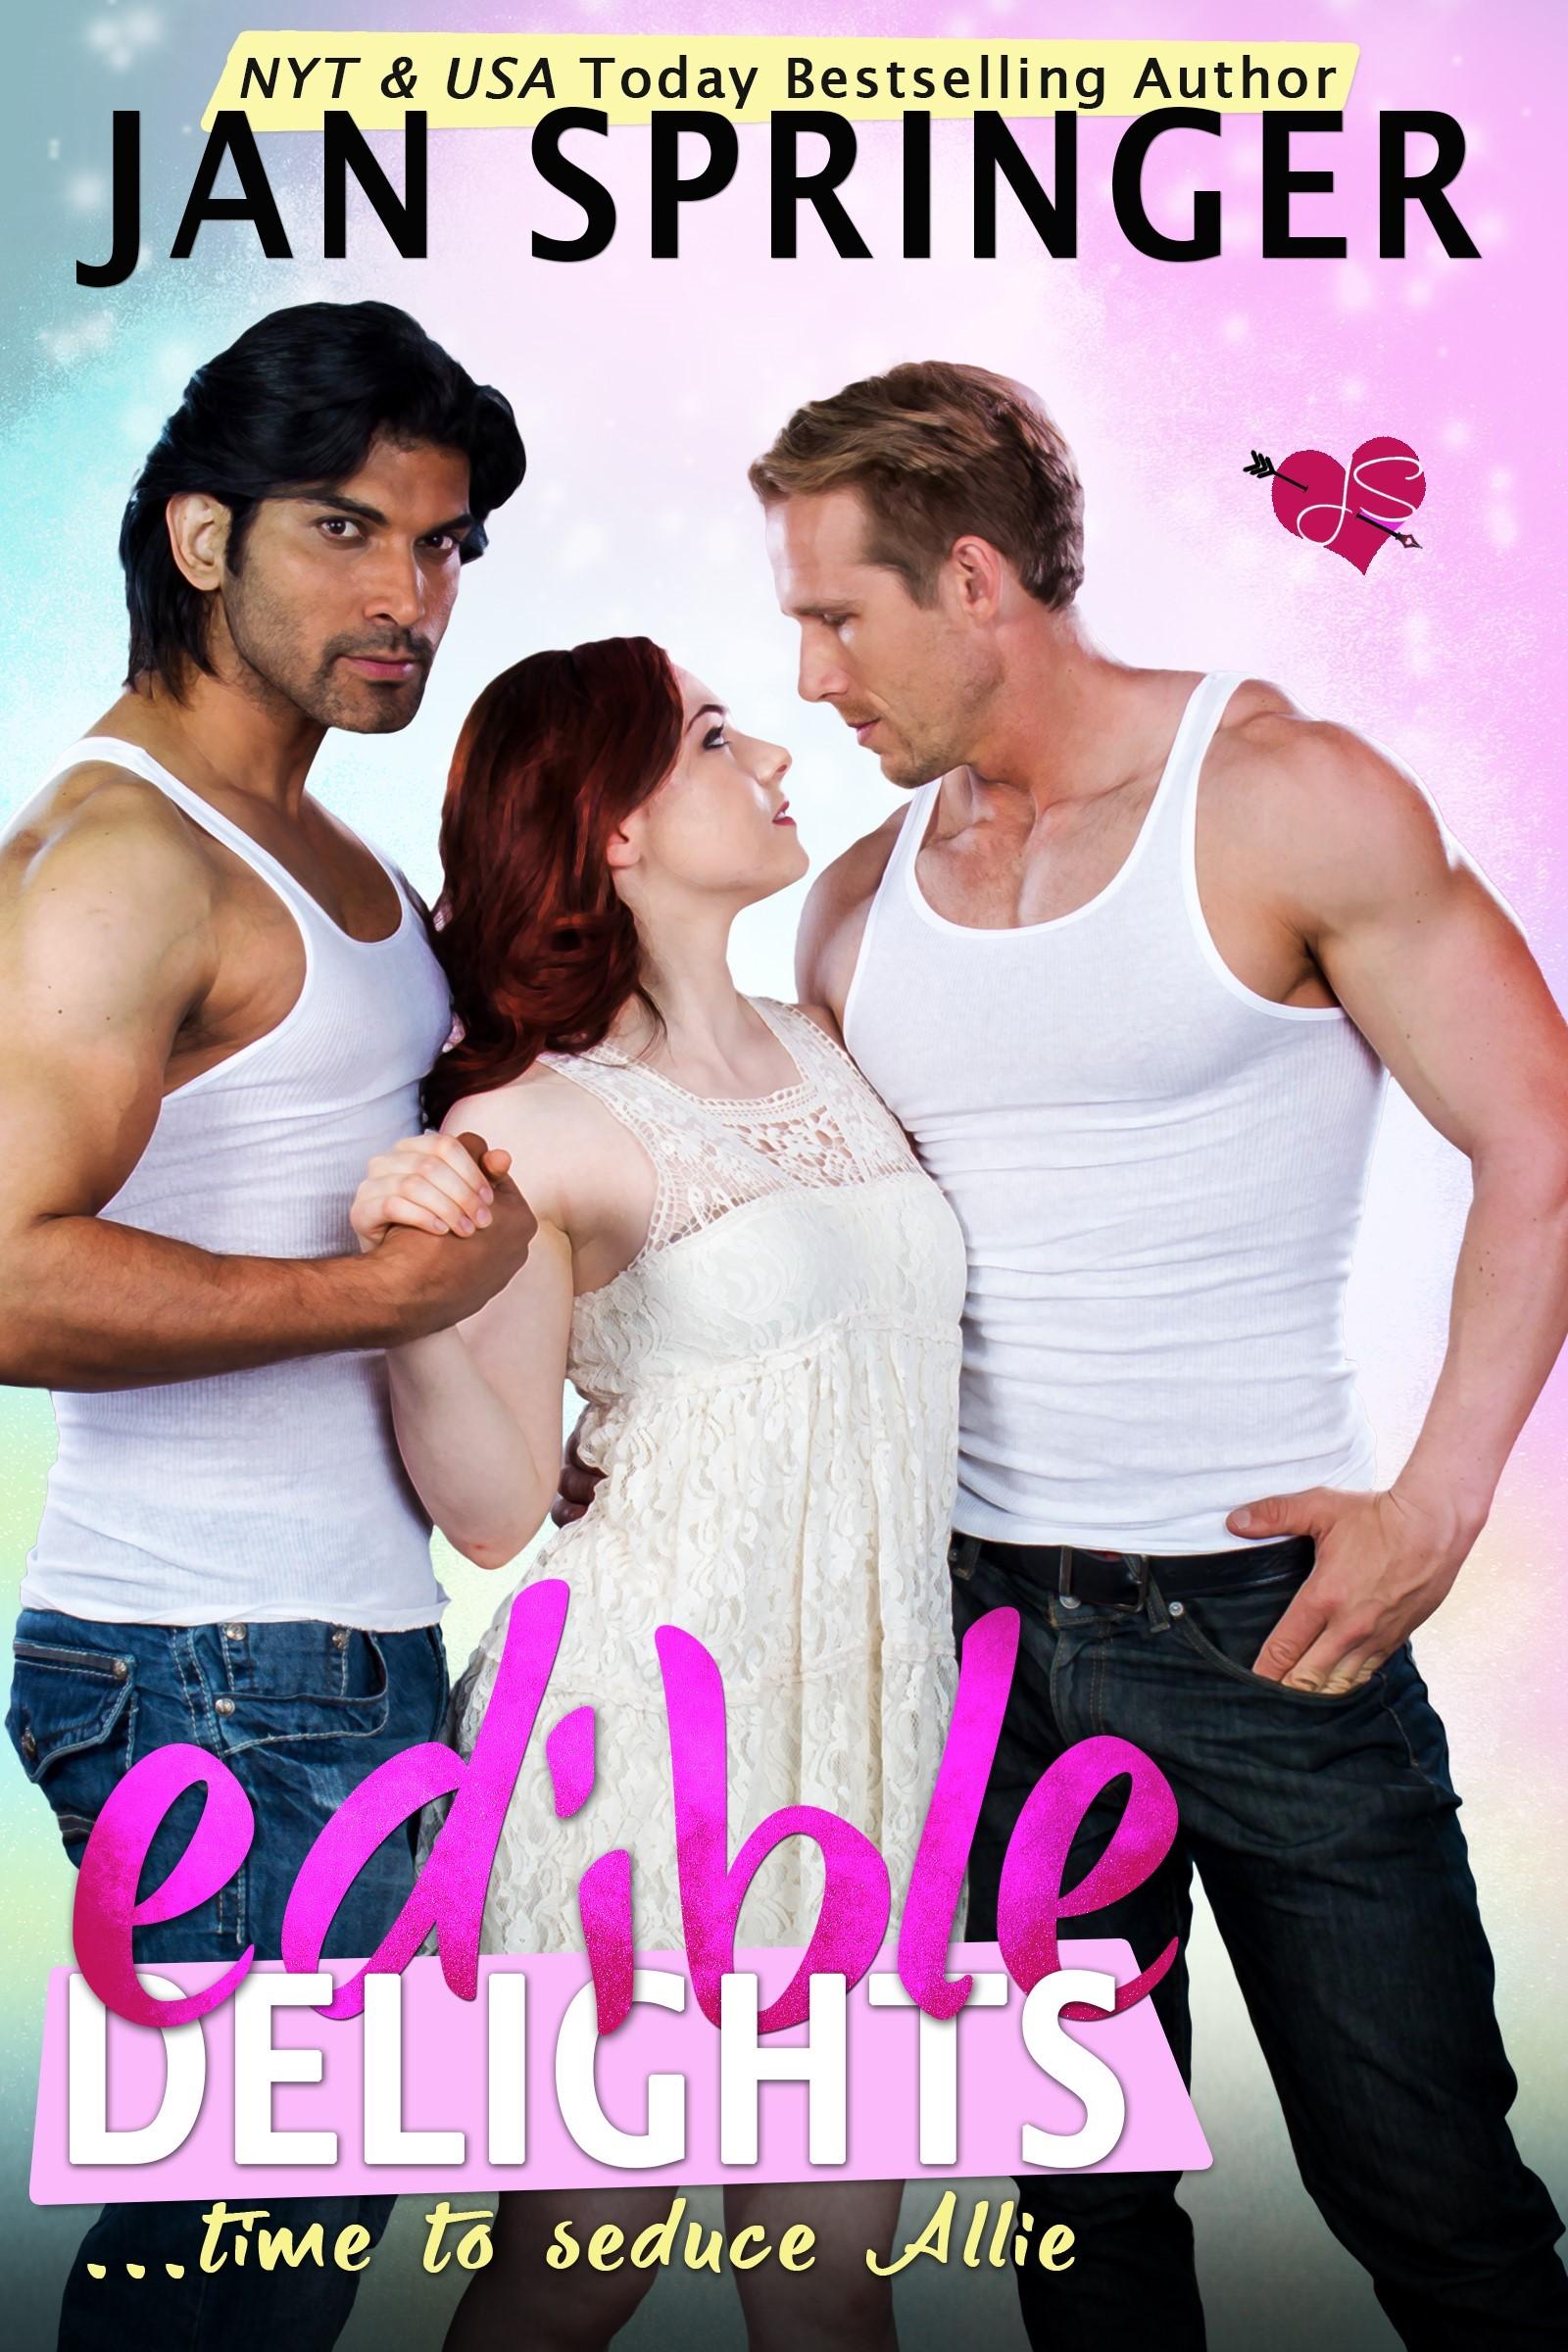 Edible delights